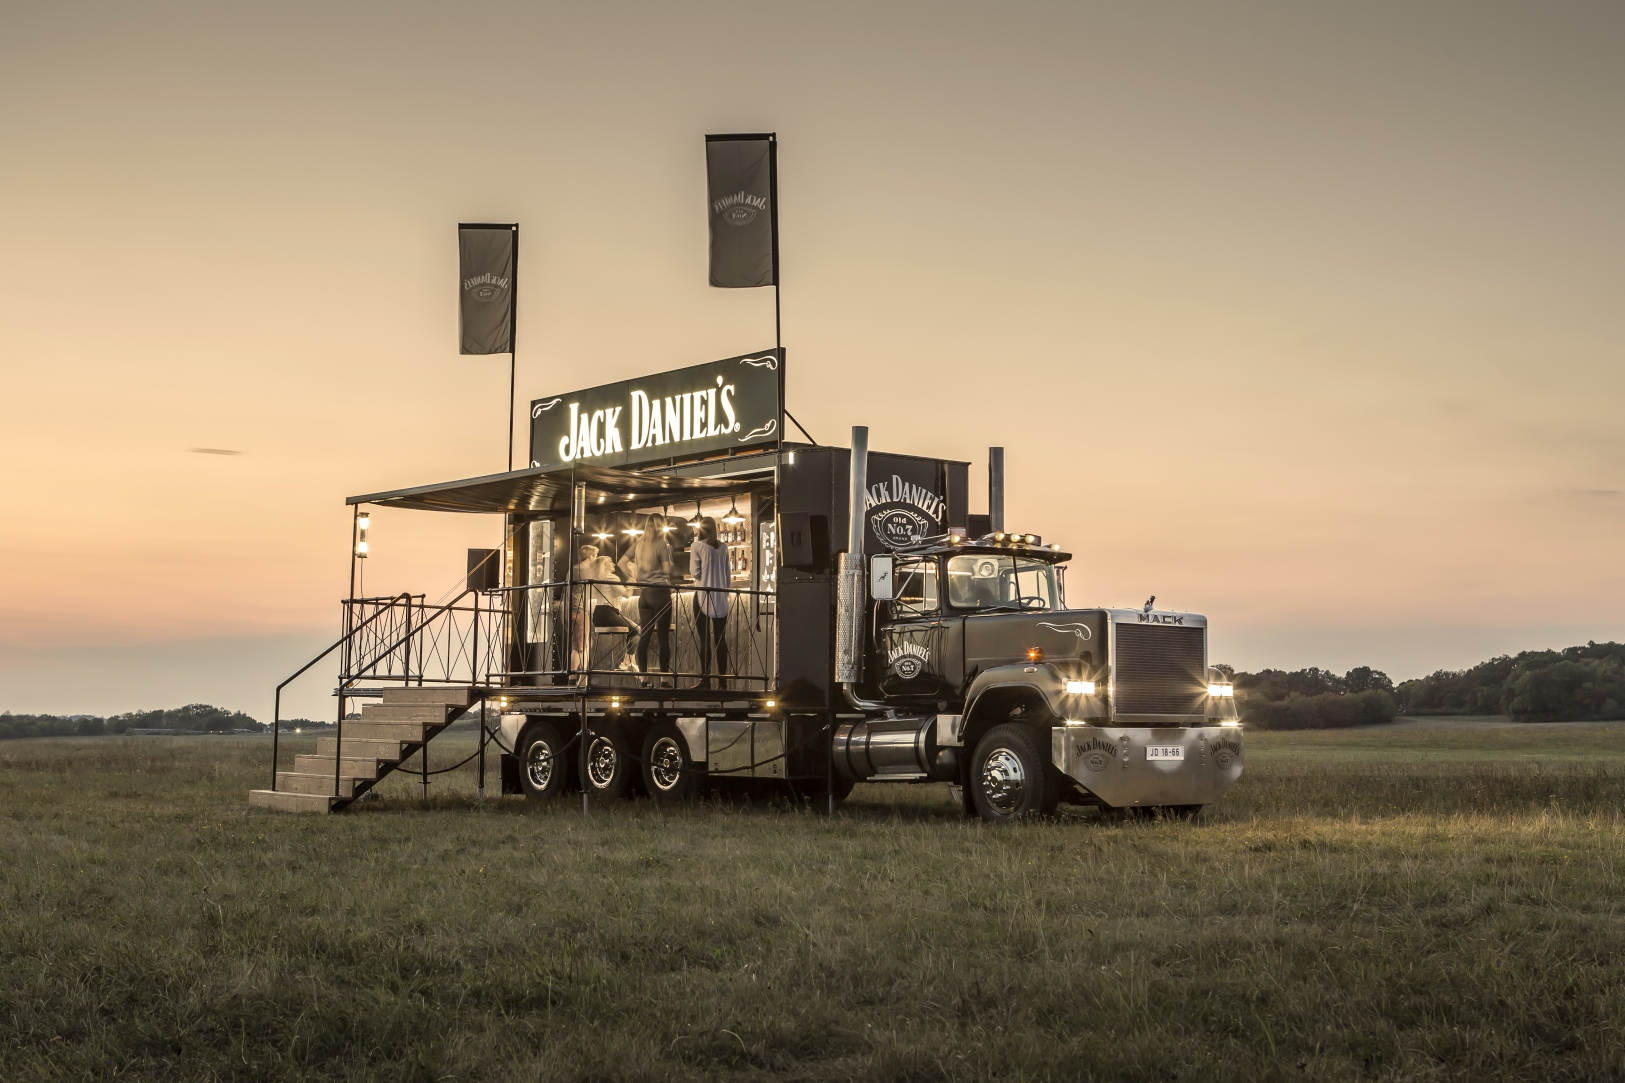 7_1625x1083_Jack_Daniels_Truck.jpg